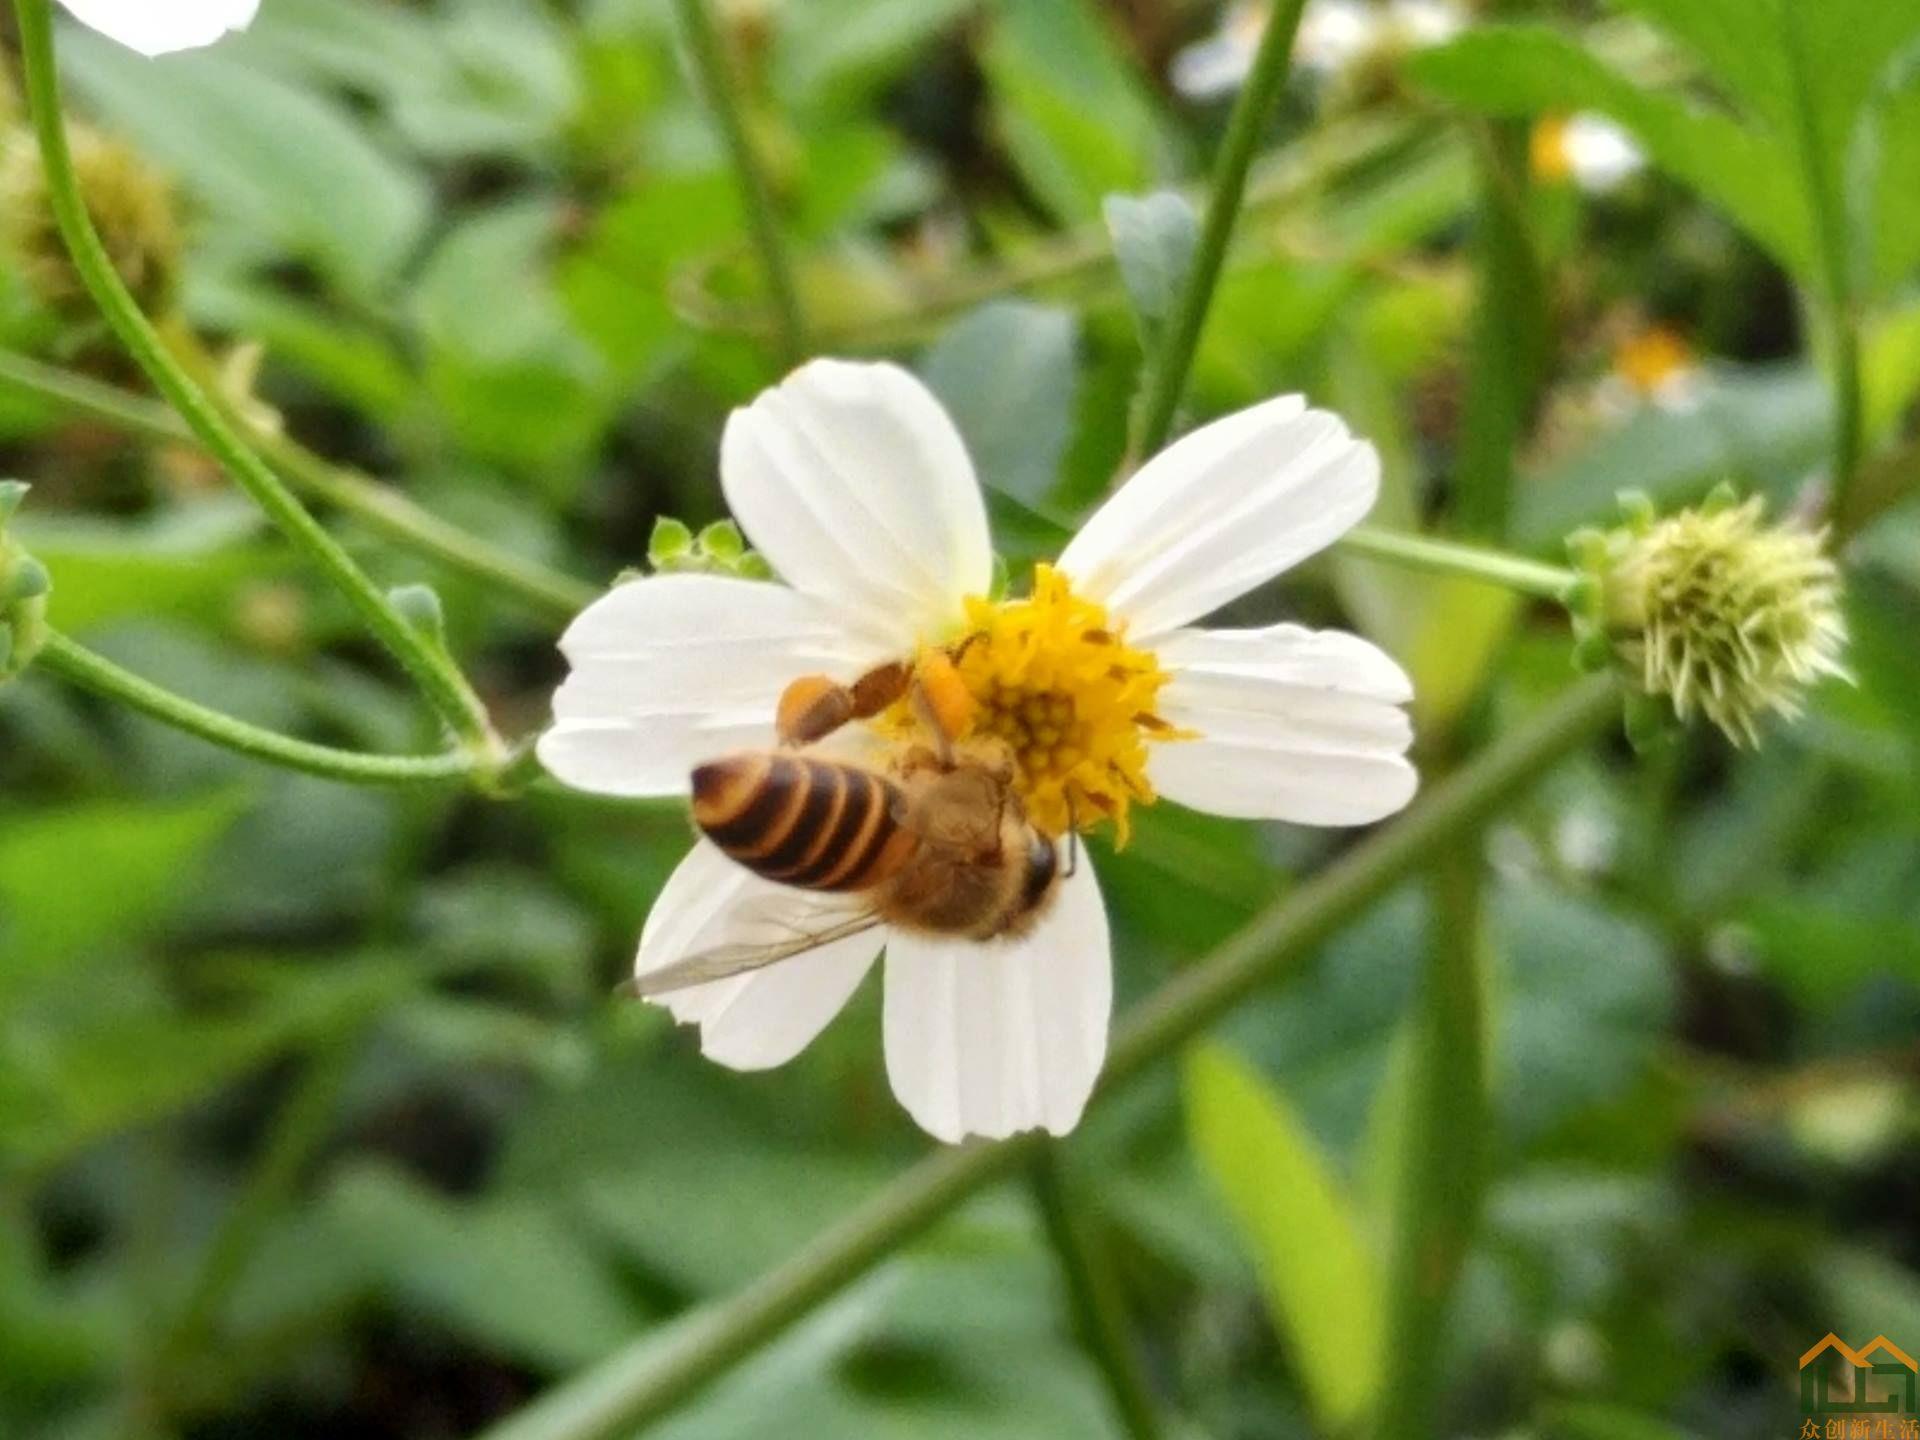 花香自引蜂蝶来